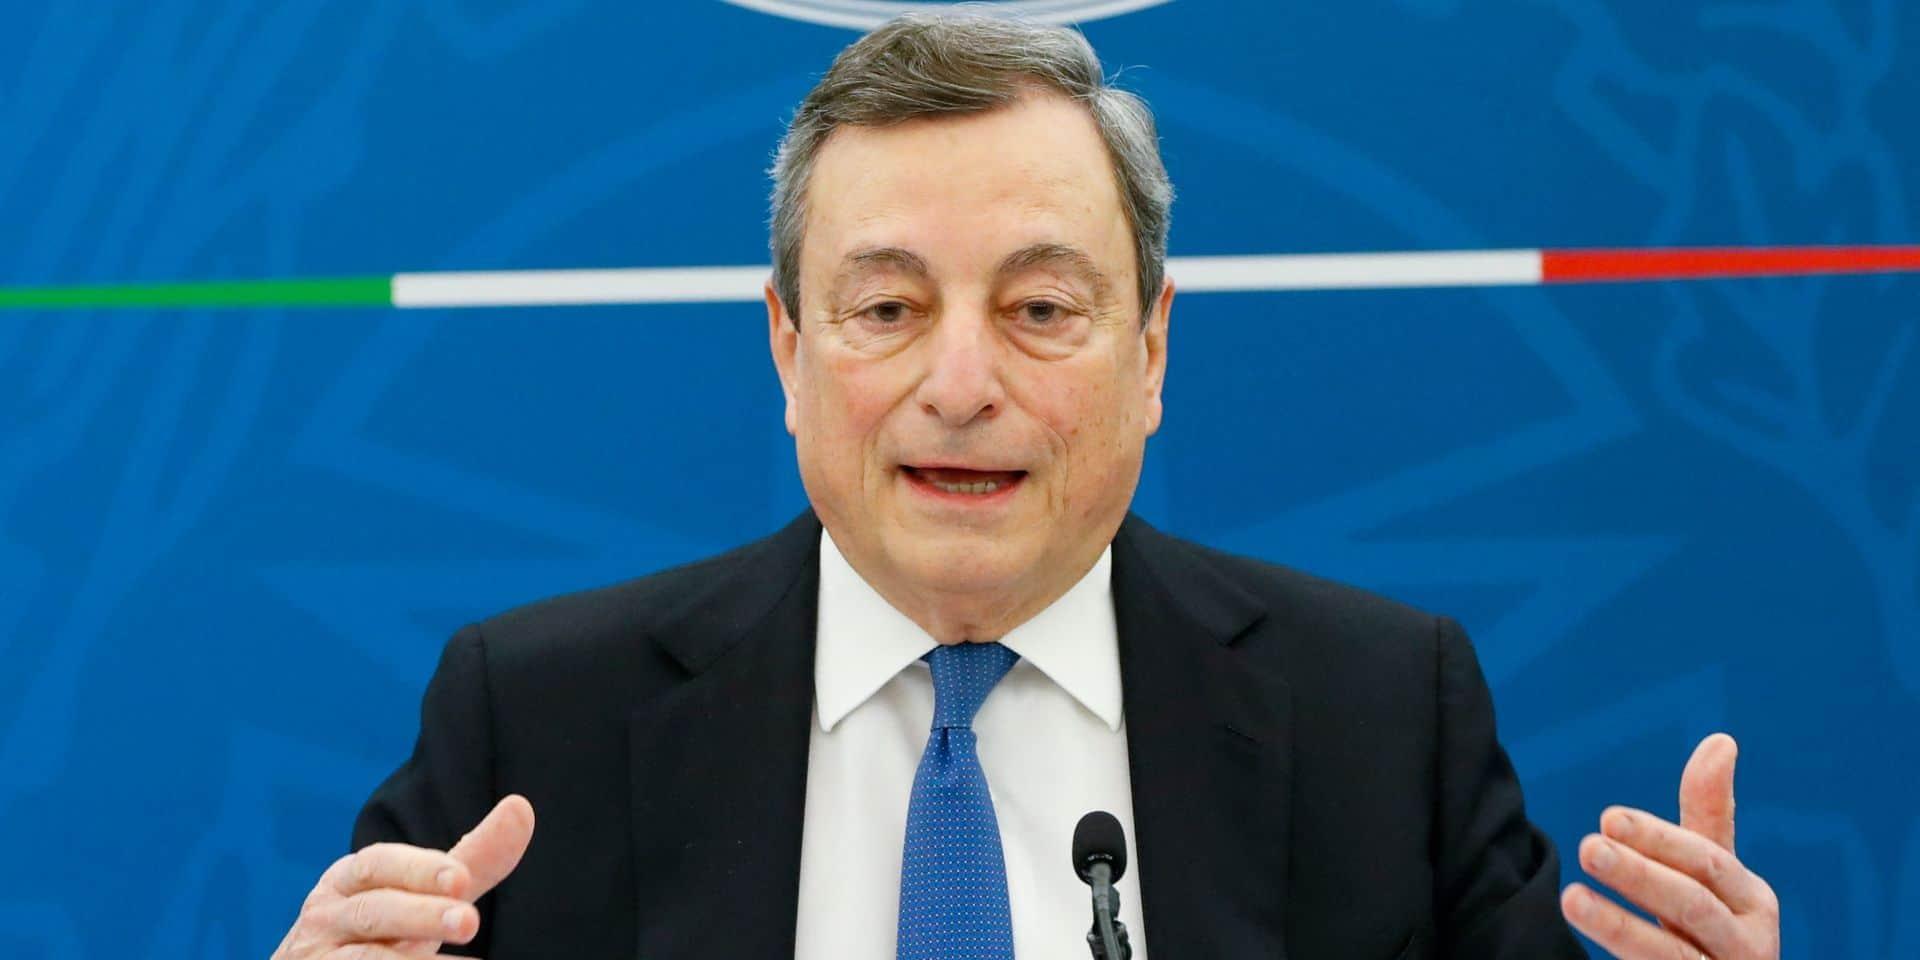 Le Premier ministre de l'Italie, Mario Draghi.